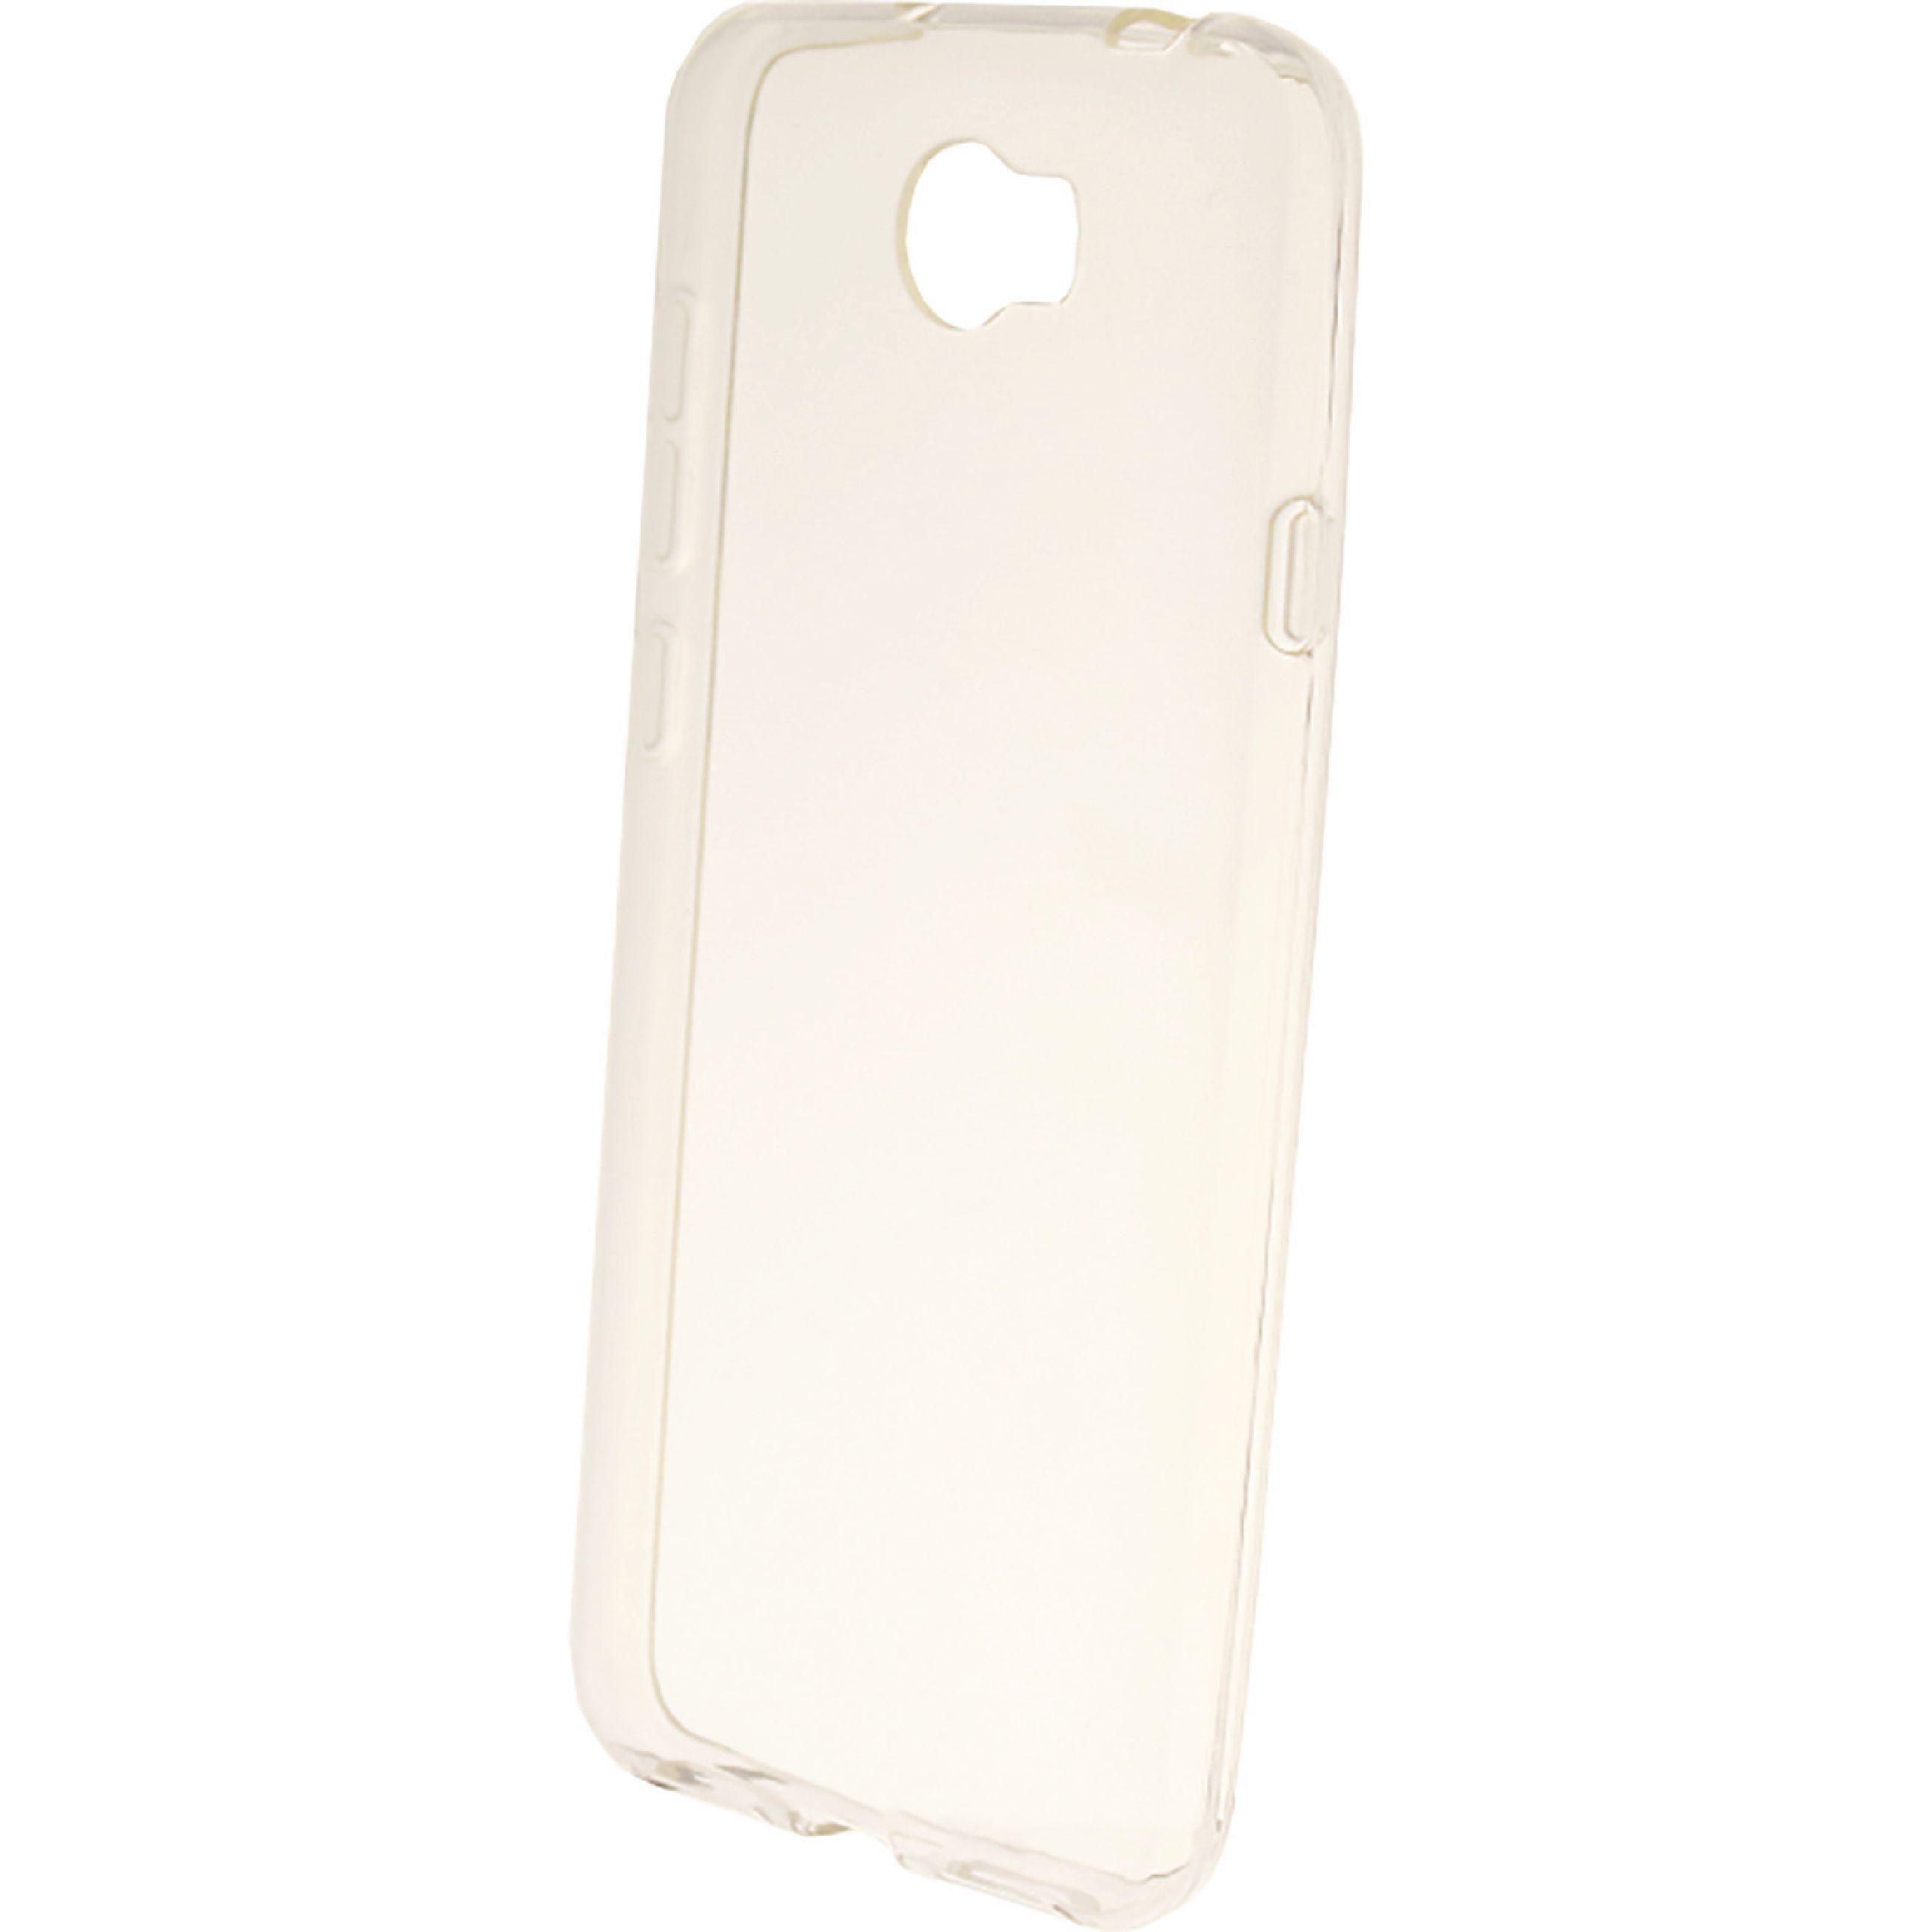 Image of   Telefon Gel-Etui Huawei Y5 II / Huawei Y6 II Gennemsigtig